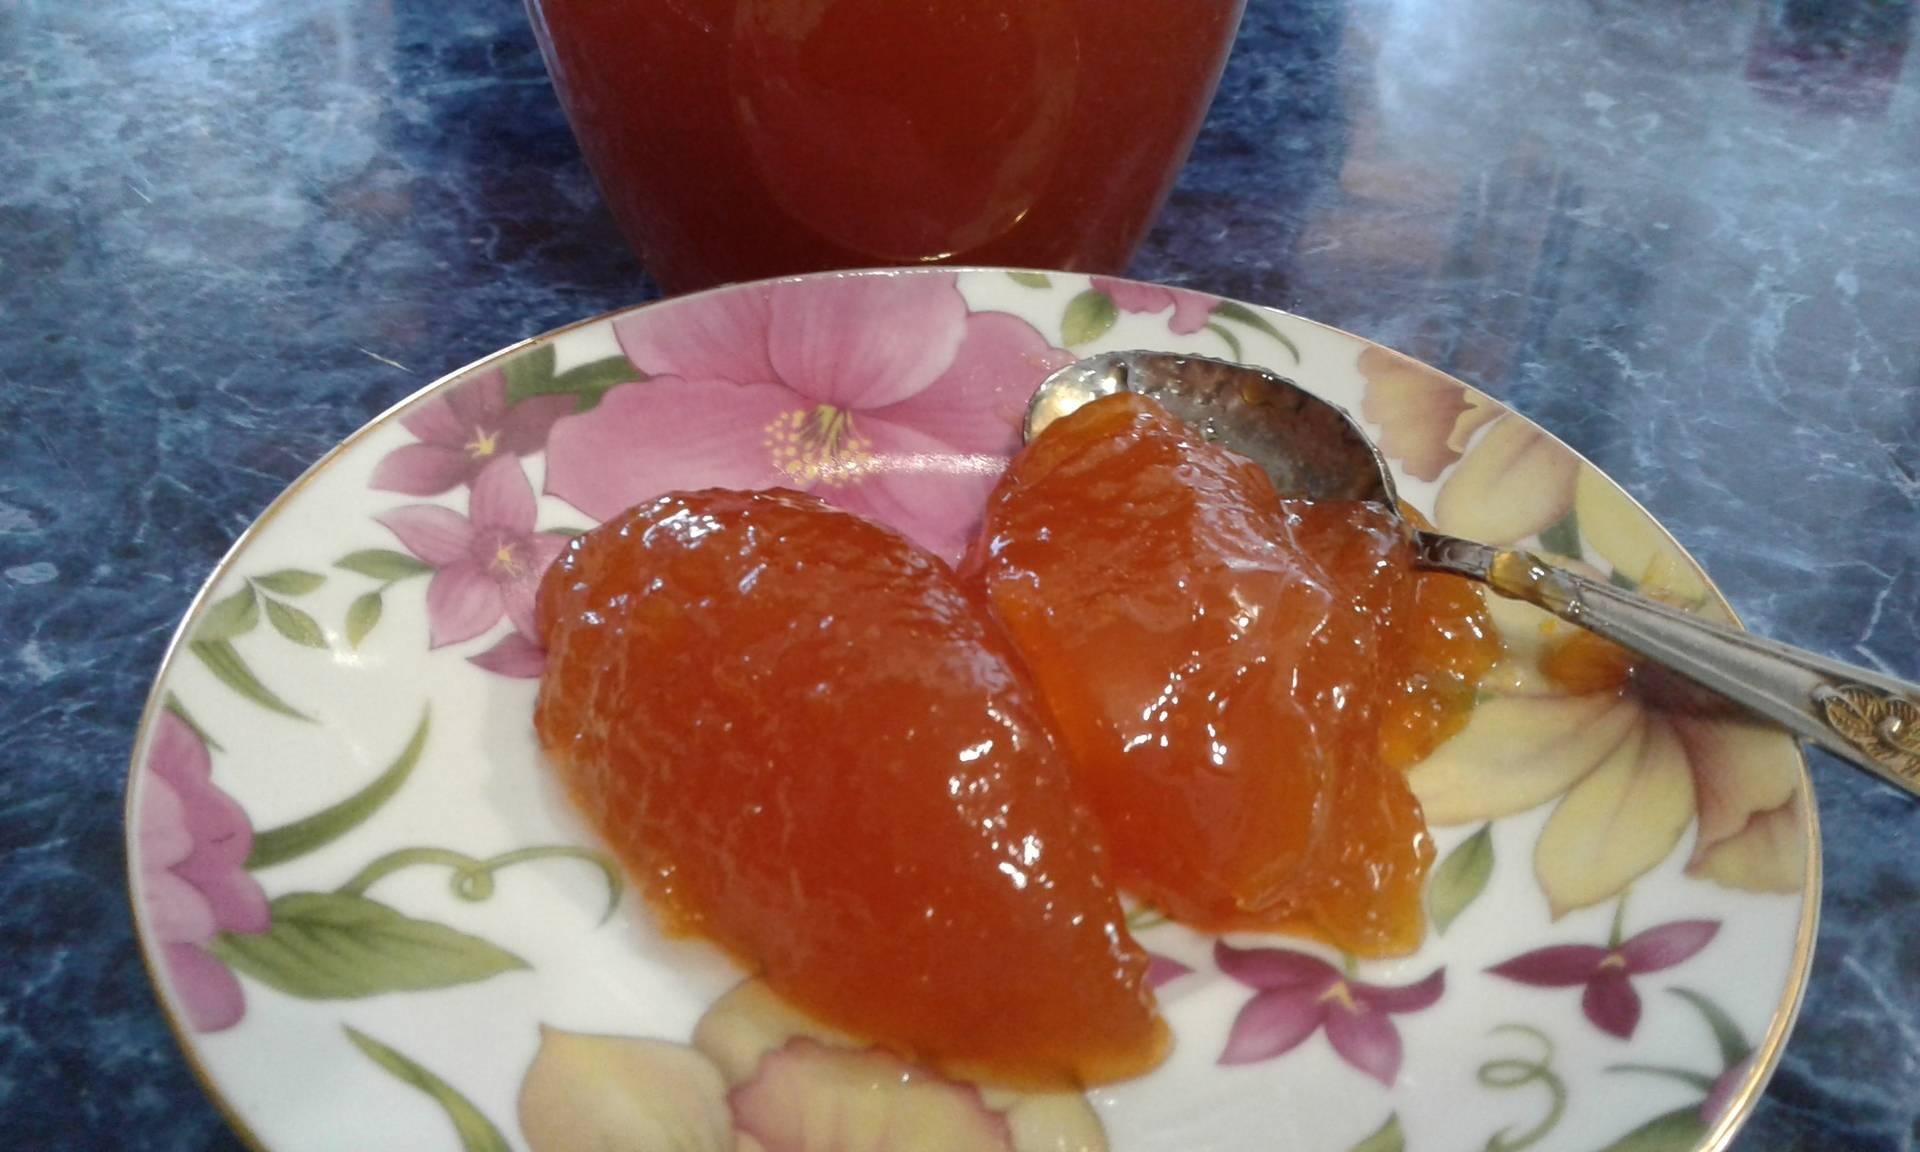 Апельсиновое желе из апельсинов